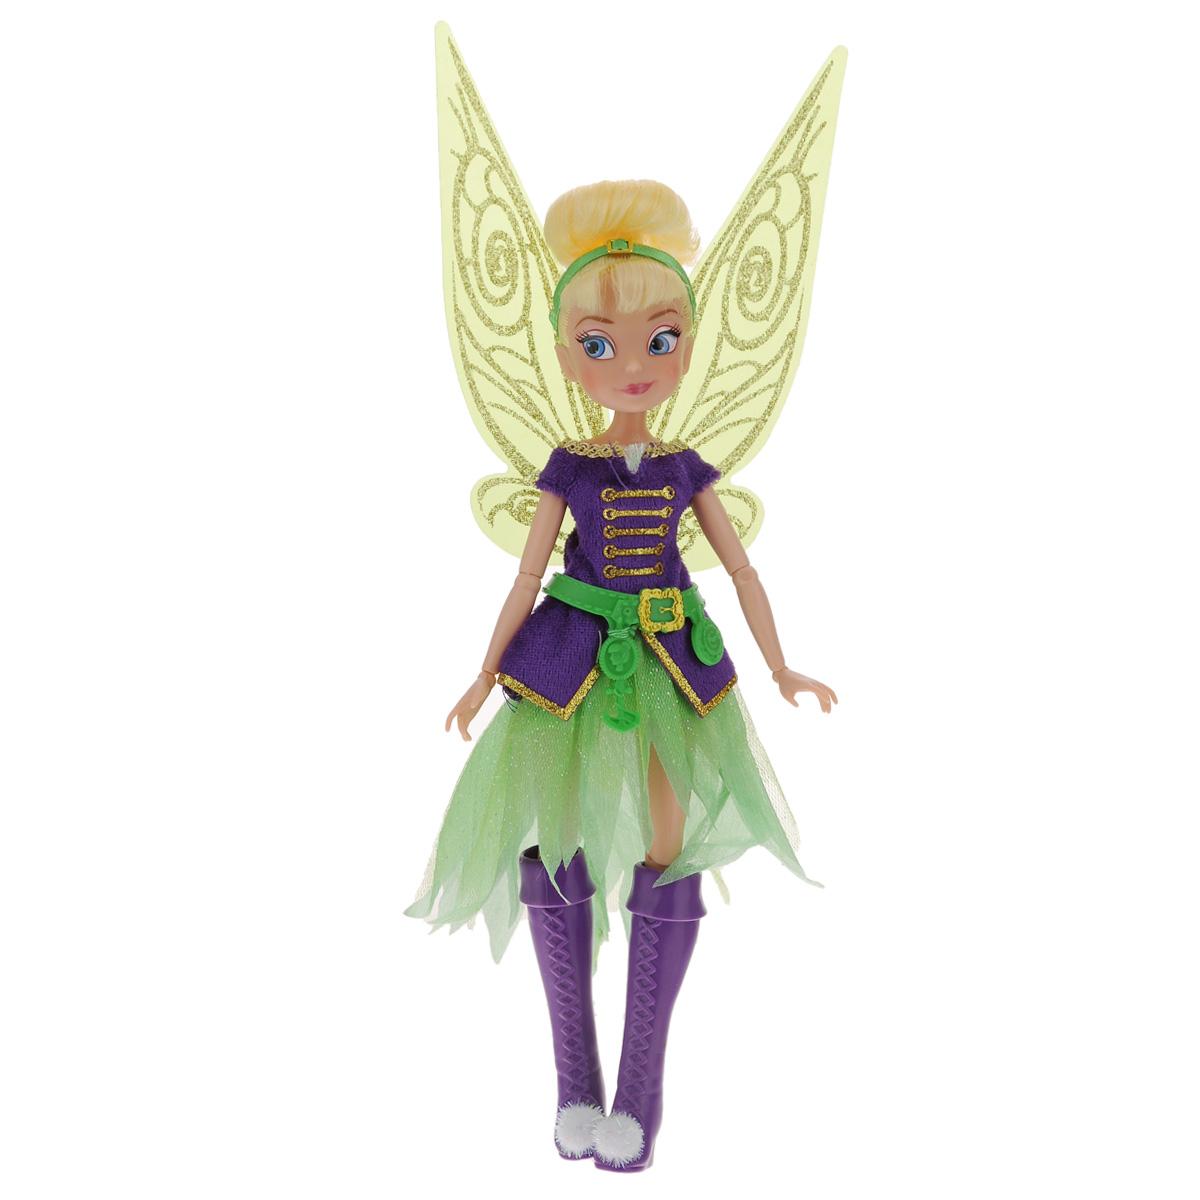 Disney Fairies Кукла Tink цвет платья фиолетовый762750_TinkФеи Disney - сказочные героини, которые живут в гармонии с природой, их жизнь полна захватывающих приключений и интересных открытий. Куколка со светлыми волосами одета в стильный яркий наряд, дополненный ремнем; на ножках - модные высокие сапожки с помпонами. Волшебства образу феи придают большие крылья у нее за спиной. У куклы подвижные ручки, ножки, голова. Кукла Disney Fairies Tink непременно станет хорошим подарком вашему ребенку и подарит ему приятные воспоминания.